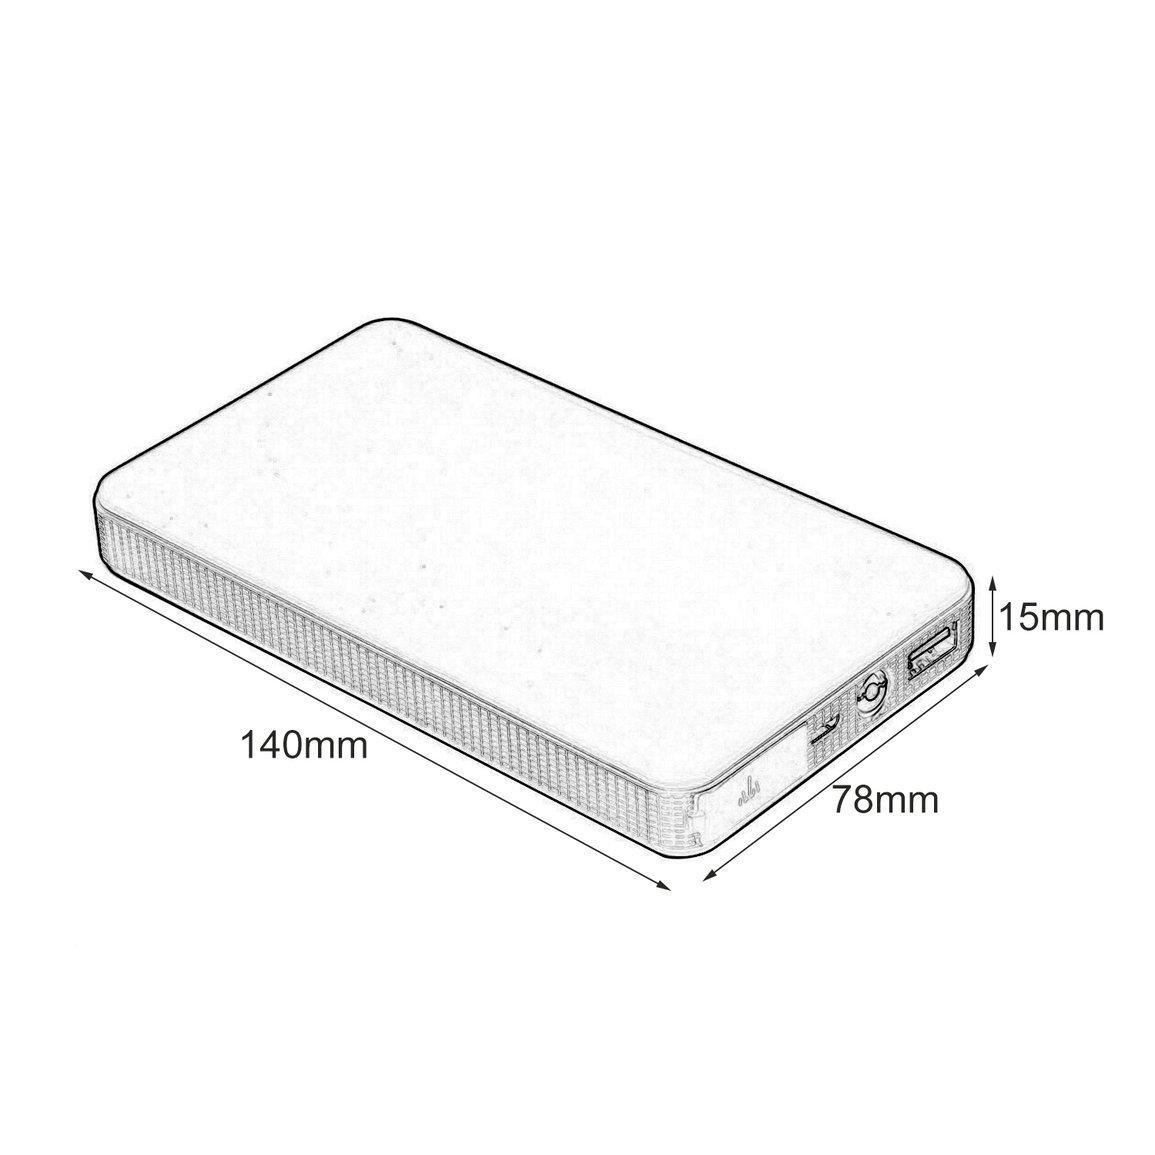 Fantasyworld 12V 20000mAh Mini Portable Multifonction Voiture Jump Starter Power Booster Chargeur de Batterie Chargeur de d/émarrage durgence